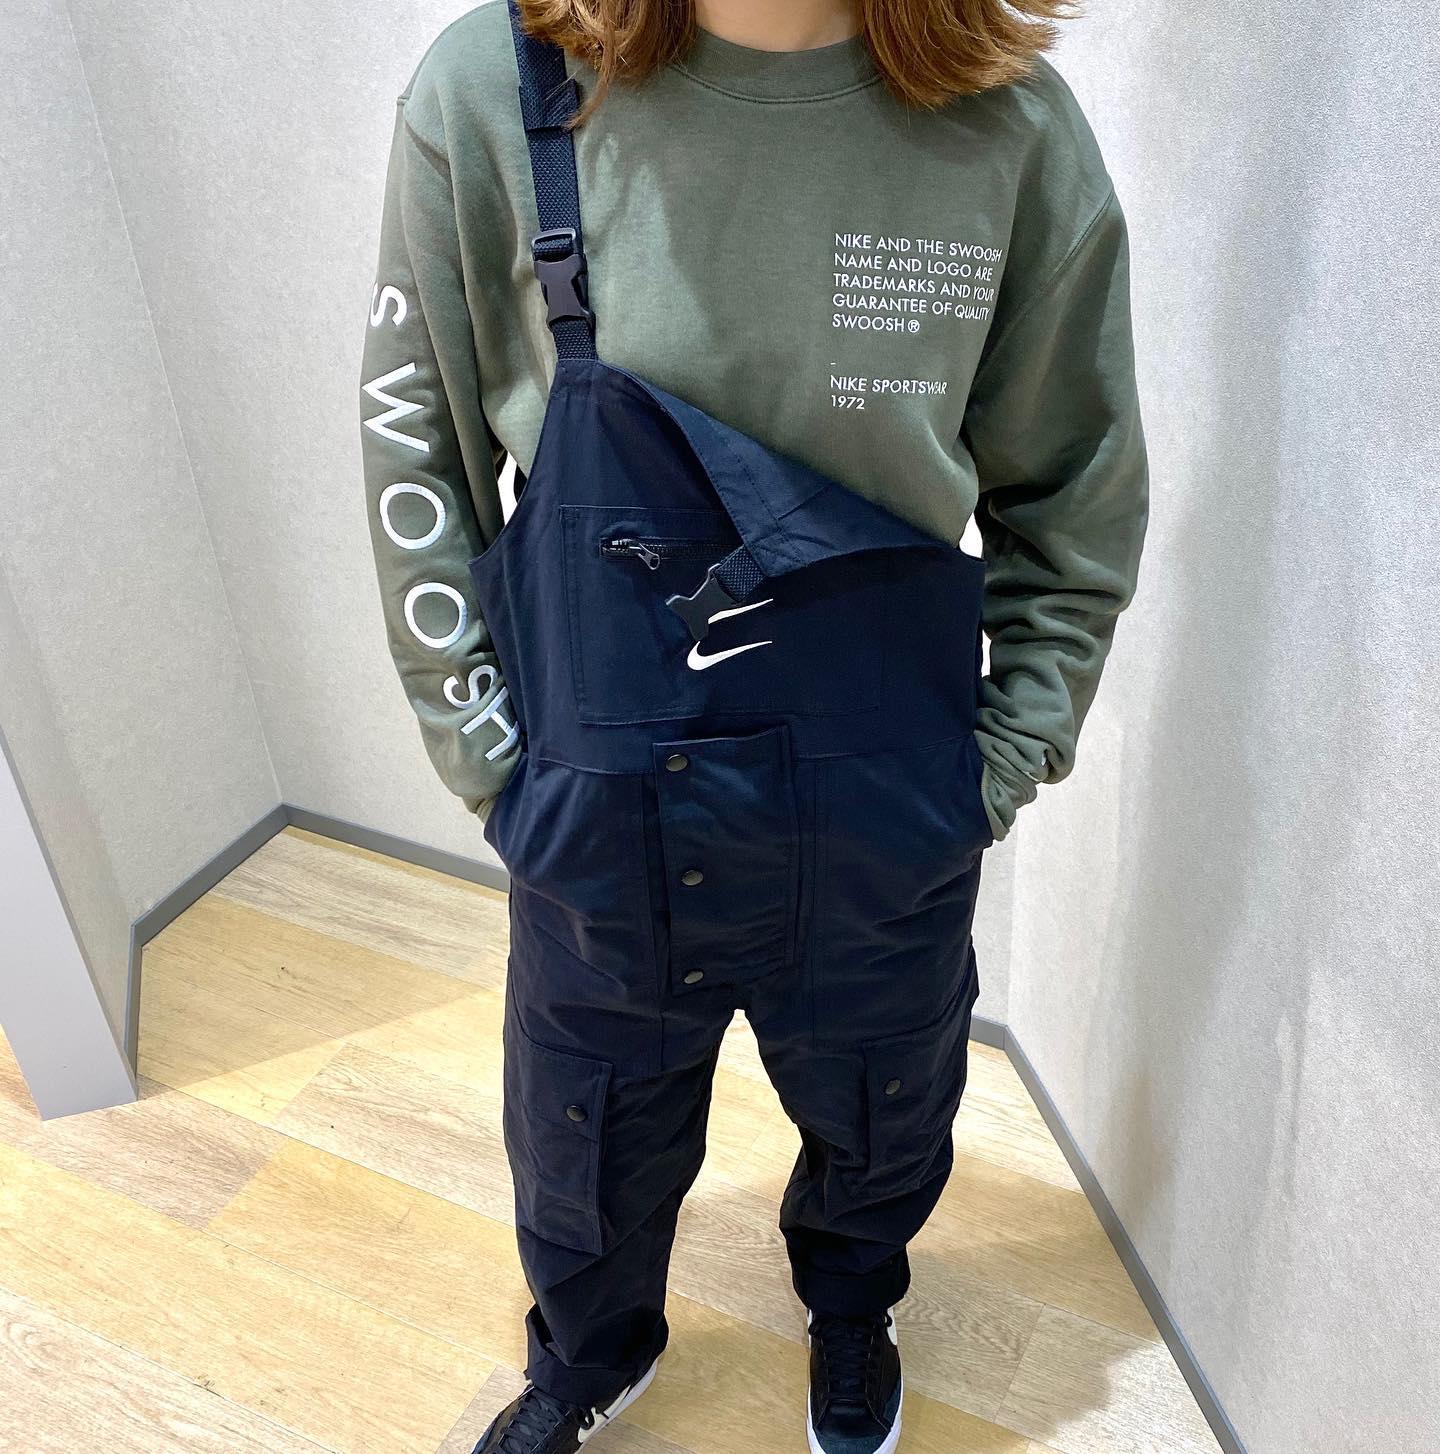 こんにちは🙂<br /> ABCーMART SPORTS ゆめタウン広島店です🏻♀️<br /> <br /> 本日は先日アップした『NIKE』ウェアのご紹介です!<br /> <br /> メンズのサイズ展開ですが、パンツ部分が細身なので<br /> 女性の方でも気軽に着ることができます🧚♀️🧚♀️<br /> <br /> <br /> パンツは着回しが可能で、肩紐で吊ったり<br /> パンツとして着用が可能でオシャレが楽しめます🥳<br /> <br /> 是非店頭にてお試しください🤗<br /> スタッフ一同お待ちしております🏻♀️<br /> <br /> <br /> AS M NSW SWOOSH<br /> クルースウェット<br /> CU3907 380TWLYMH/WHITE<br /> 611031ー0002<br /> ¥8,000+tax<br /> <br /> AS M NSW SWOOSH<br /> オーバーオール<br /> CU3897 010BLACK/WHITE<br /> 611030ー0001<br /> ¥14,000+tax